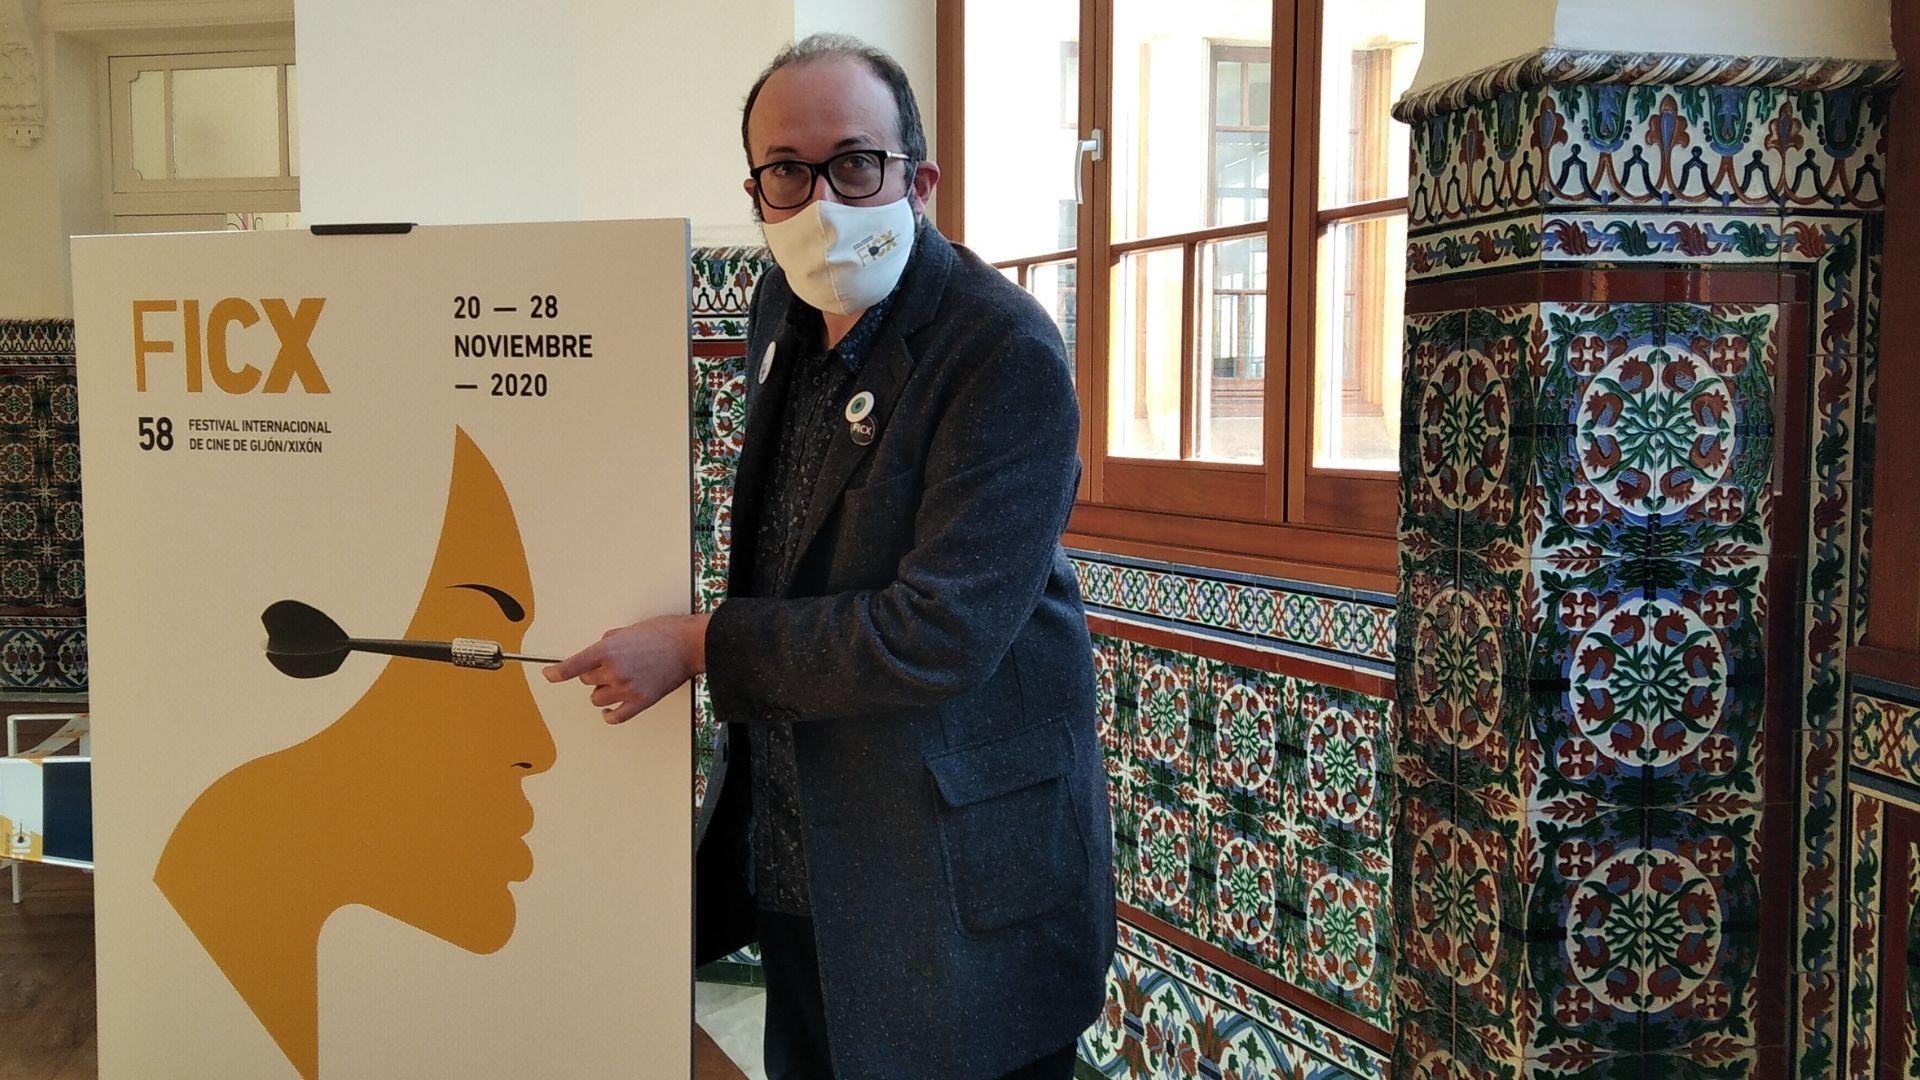 Alejandro Díaz Castaño, director del FICX, con el cartel de la 58 edición, que será online